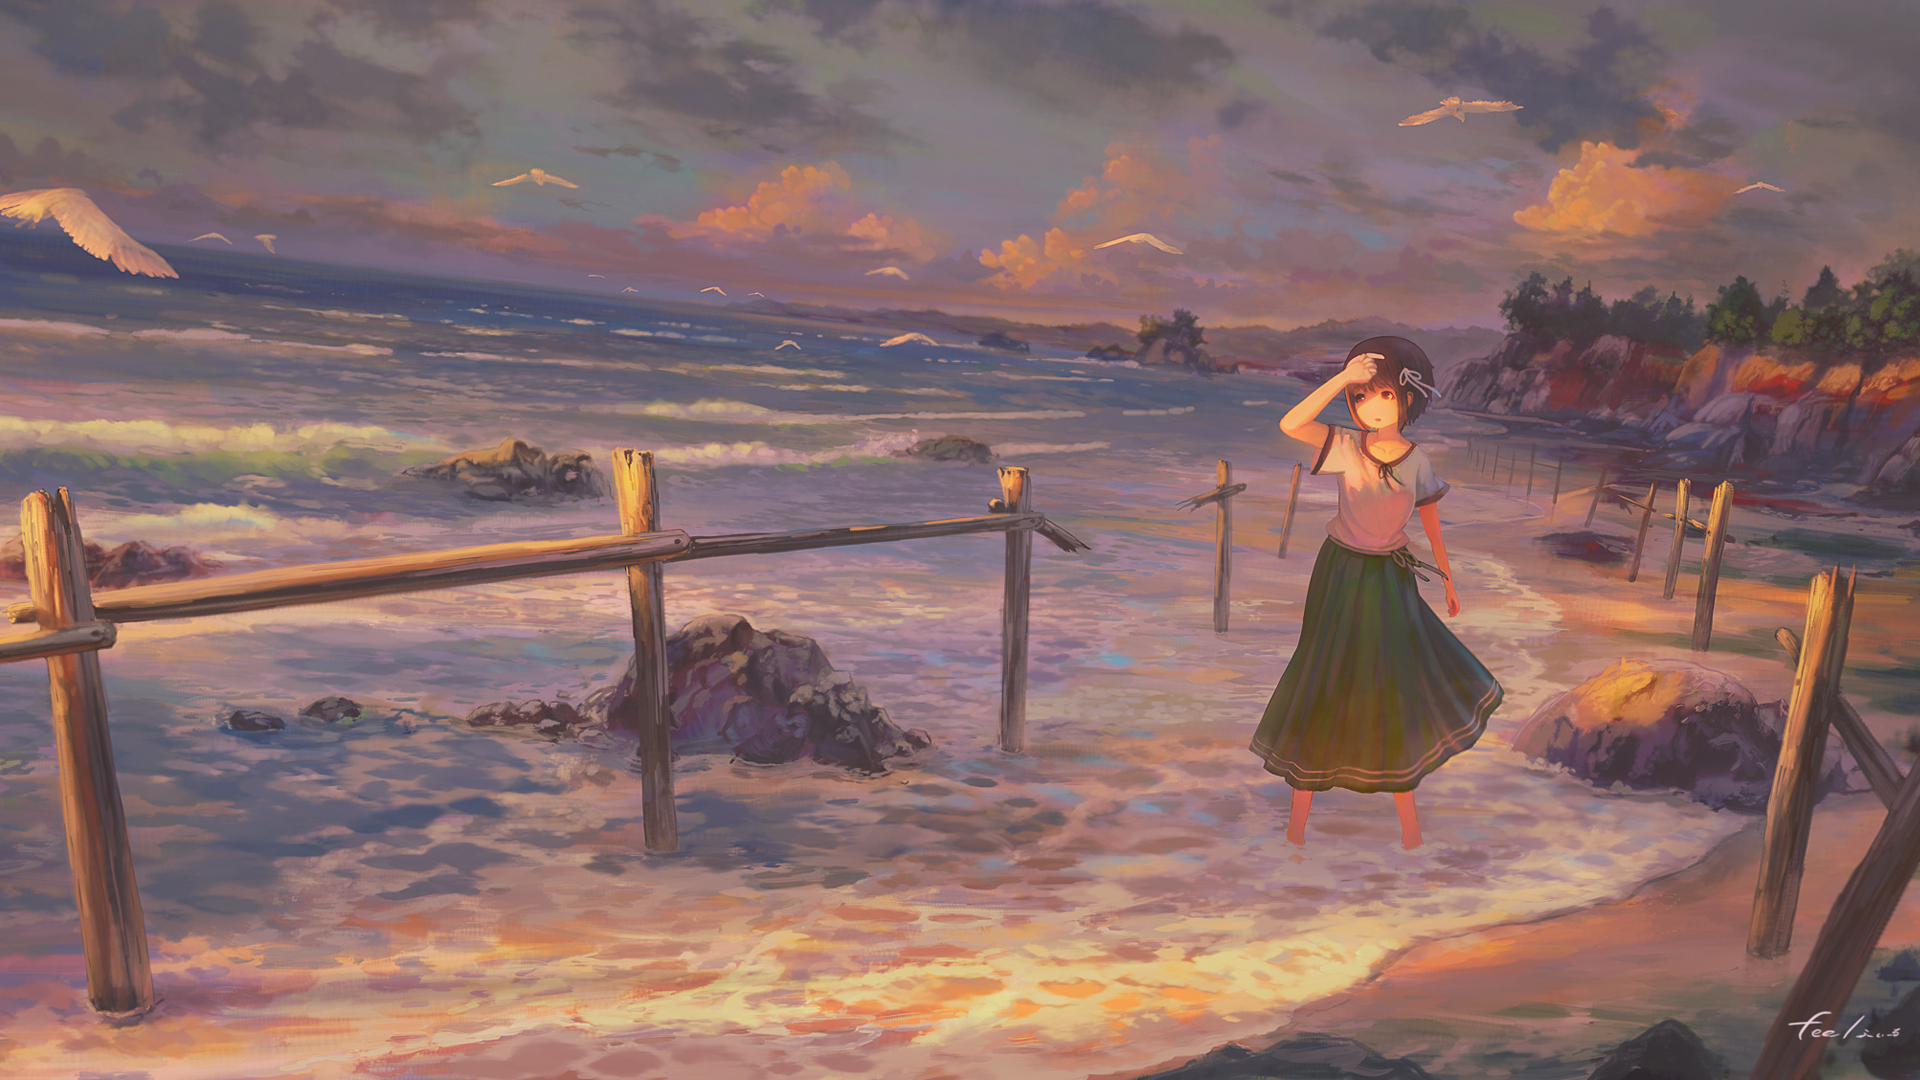 女孩子 海岸夕照风景动漫壁纸-动漫壁纸